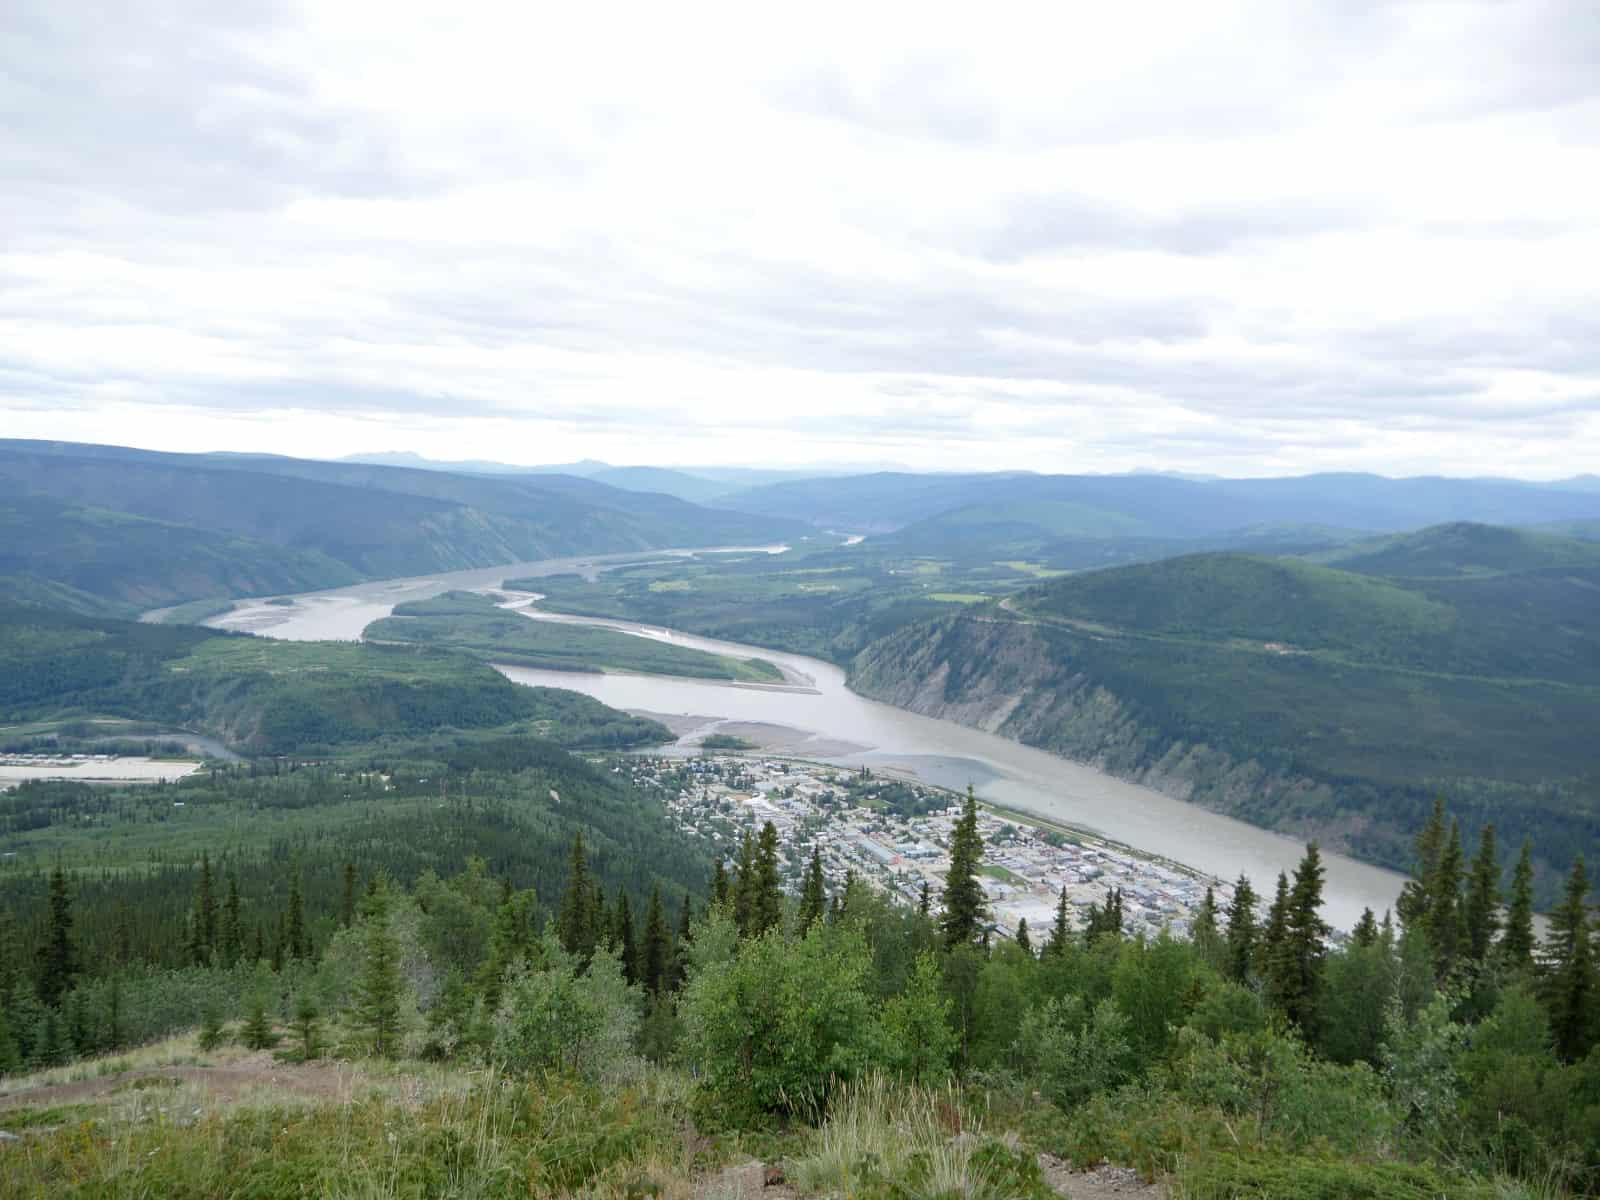 Blick auf die Goldgräberstadt Dawson City mit Mündung des Klondike River in den Yukon River. Foto FasziKa